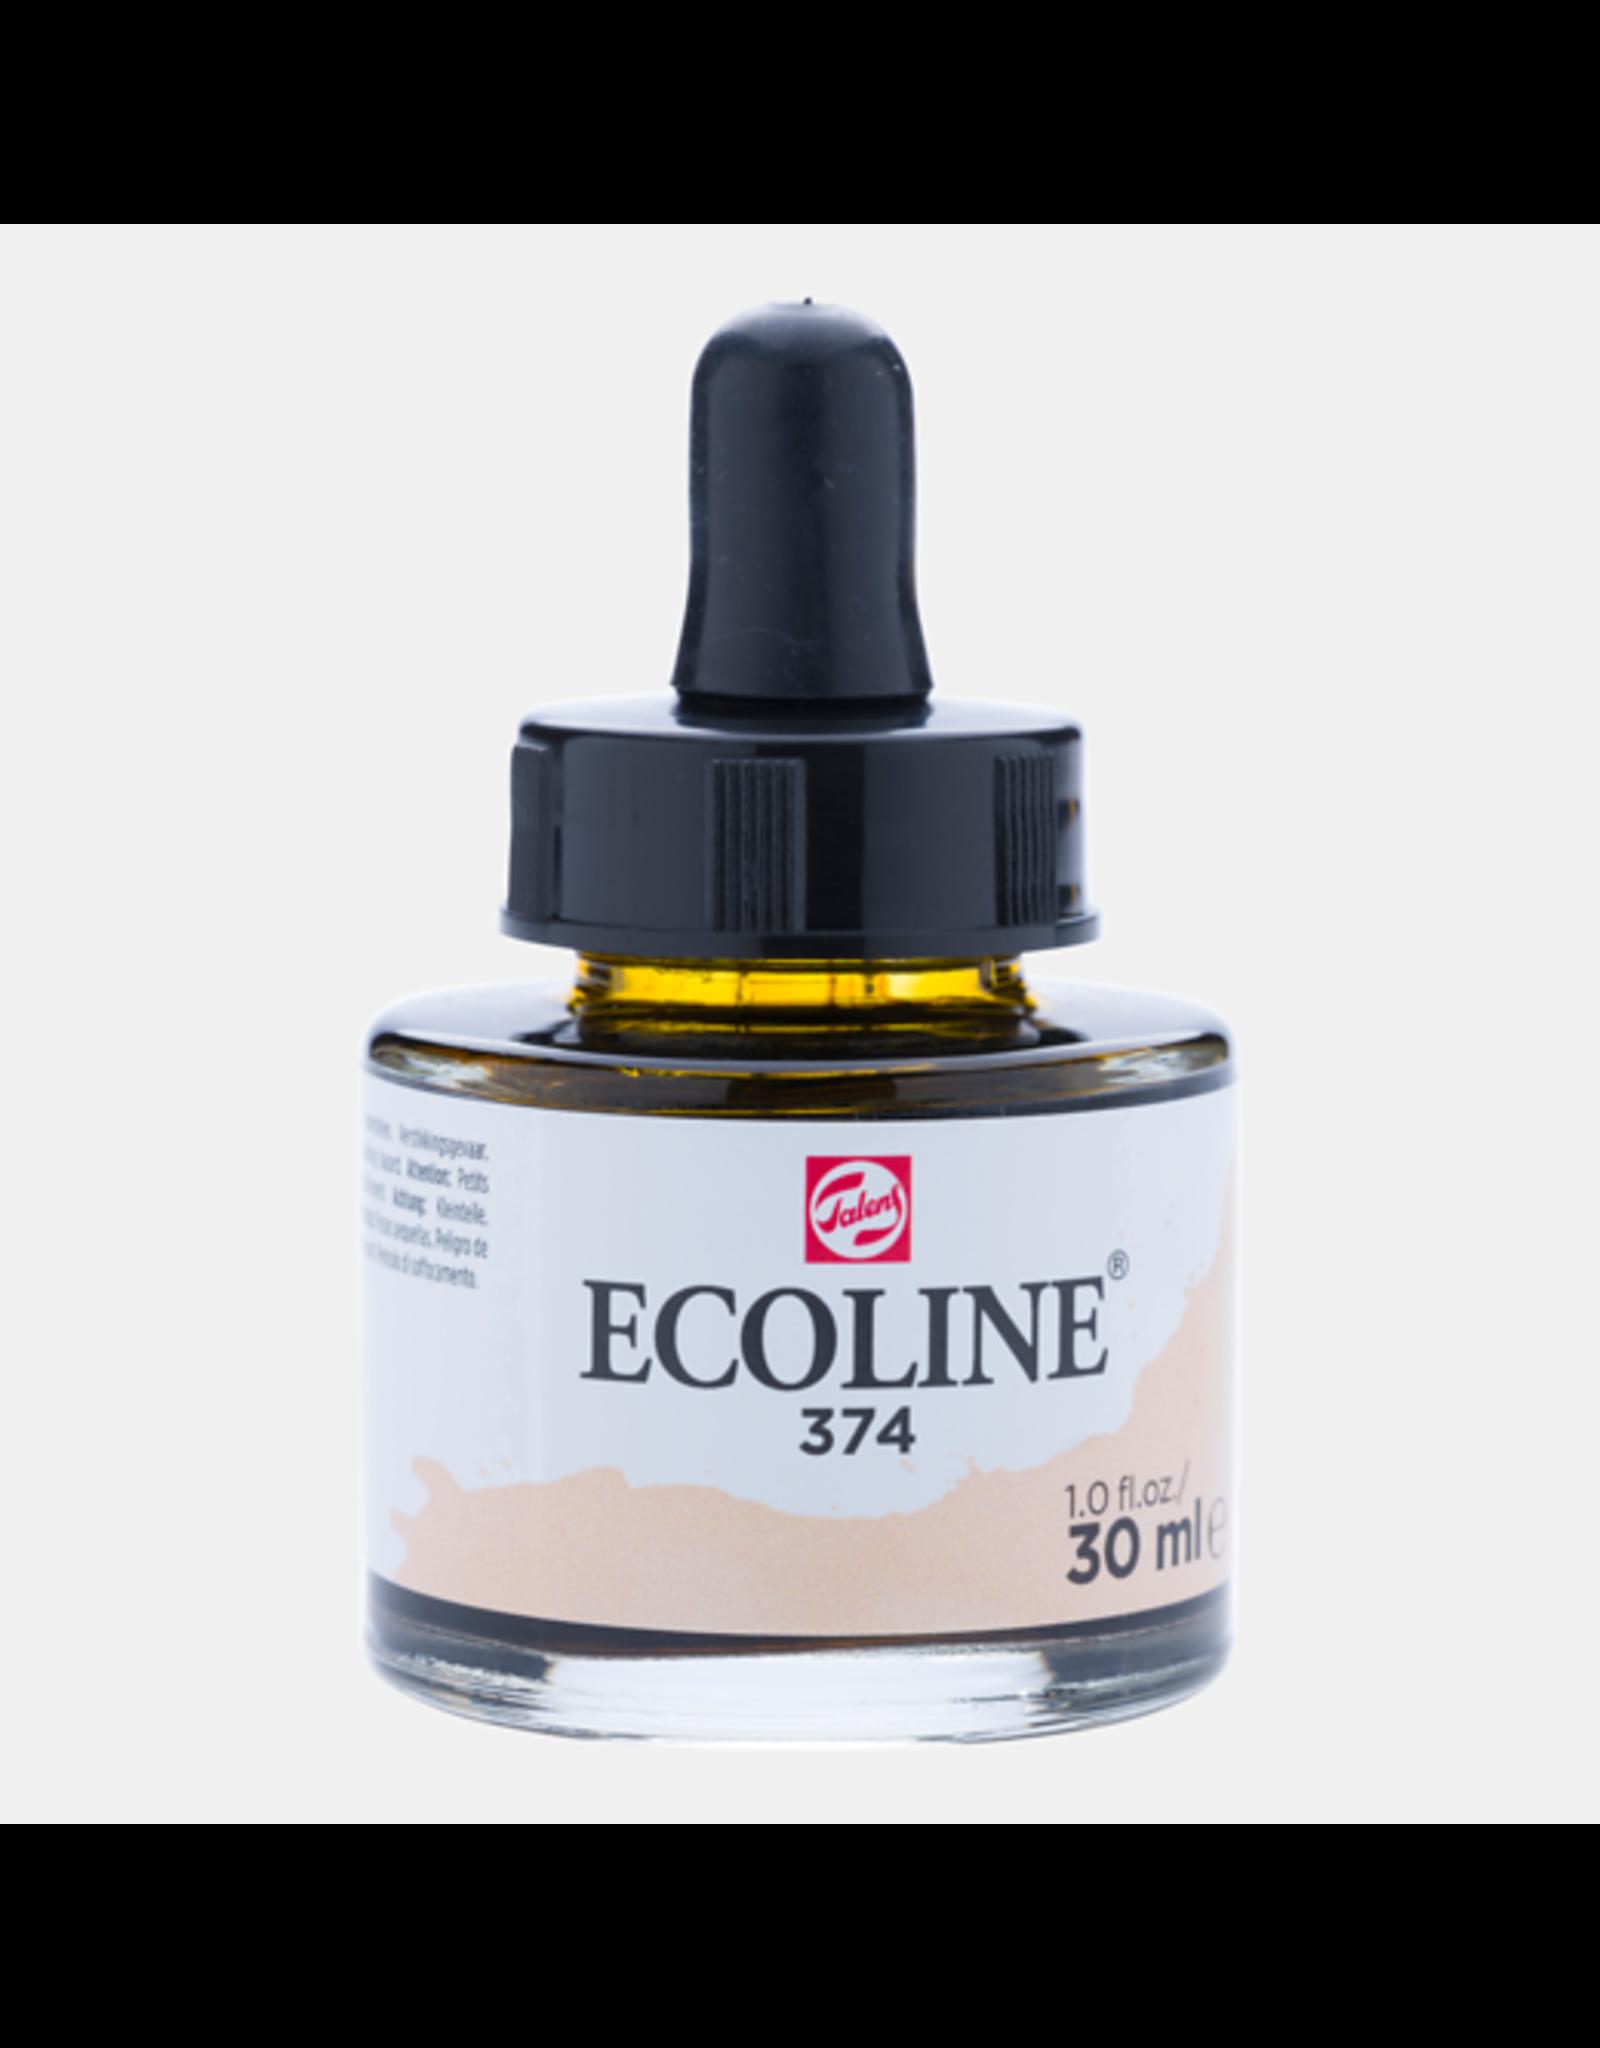 Talens Ecoline 30 ML. Roze beige